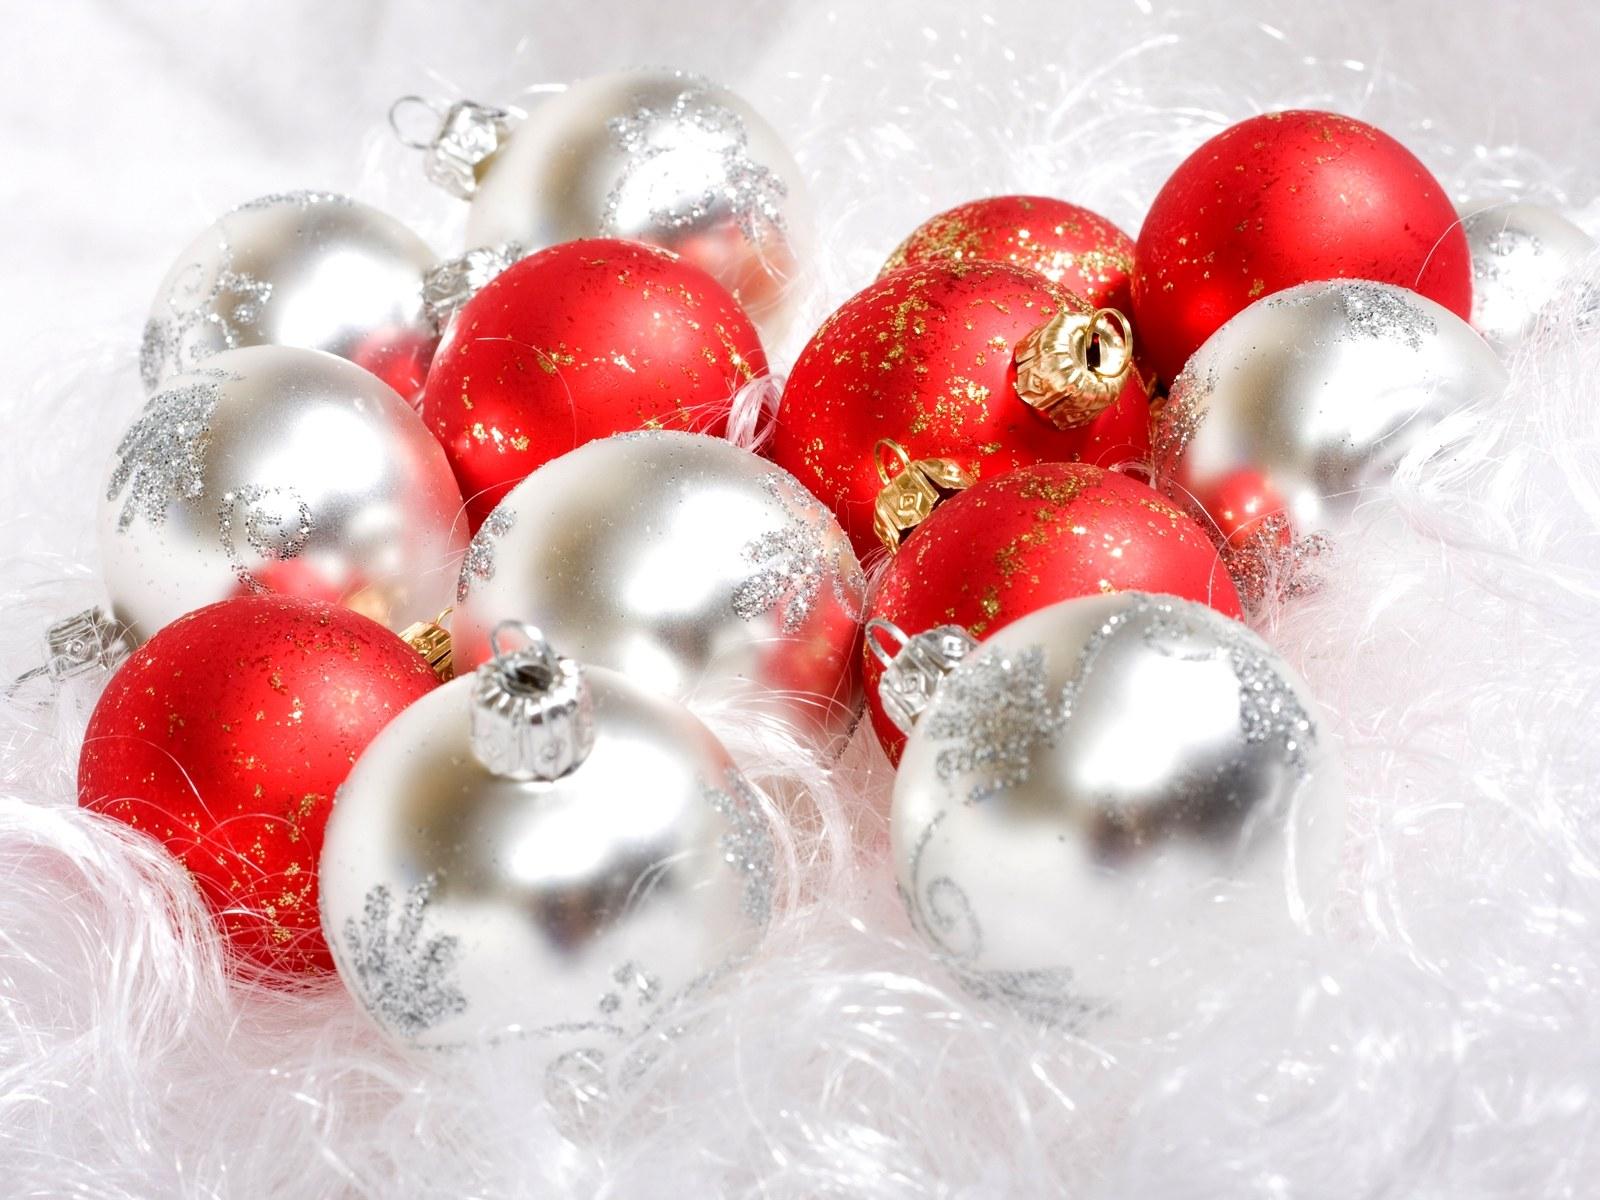 壁纸1600×1200圣诞节彩球挂件图片素材 1920 1600壁纸 五彩圣诞节彩球壁纸壁纸图片节日壁纸节日图片素材桌面壁纸